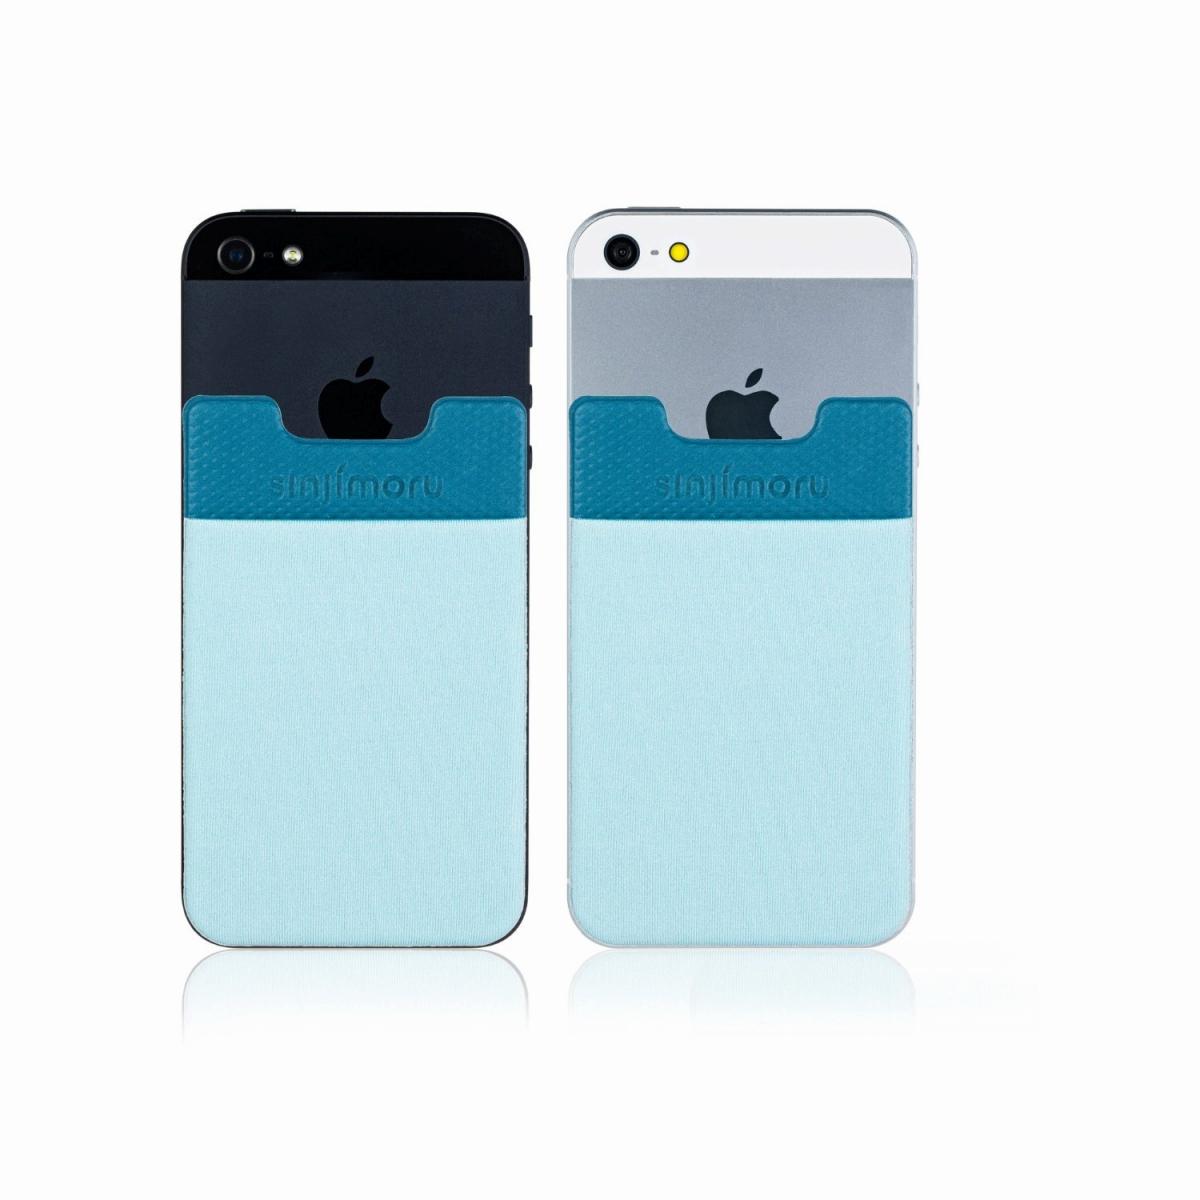 激安挑戦中 スマートフォンやタブレットなどに貼って剥がせるステッカーブルポケット 送料無料 ROOX ステッカーブルポケット Sinji Pouch Basic2 ライトブルー スマホアクセ マーケティング icカード カード スマホ 簡単 収納ポケット iPhone 便利 激安 アイフォン ステッカーポケット 人気 アイフォーンスマートフォン 背面ポケット